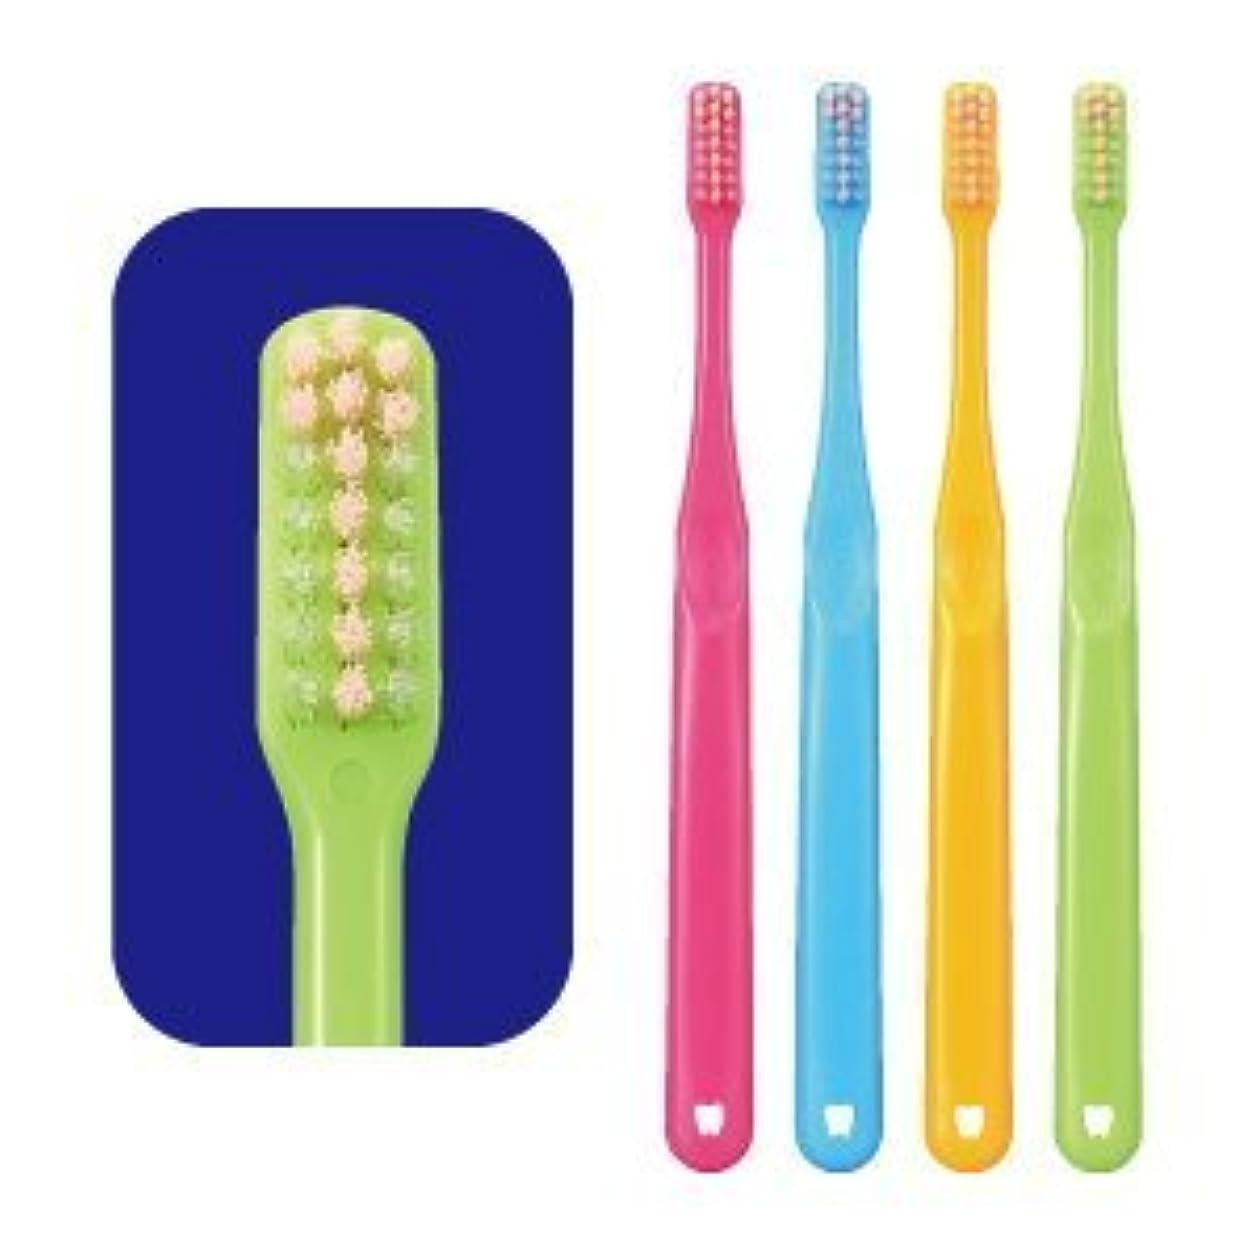 シリアルレンチ処方するCiPROプラス歯ブラシ S 27178(ヤワラカメ)50ホン